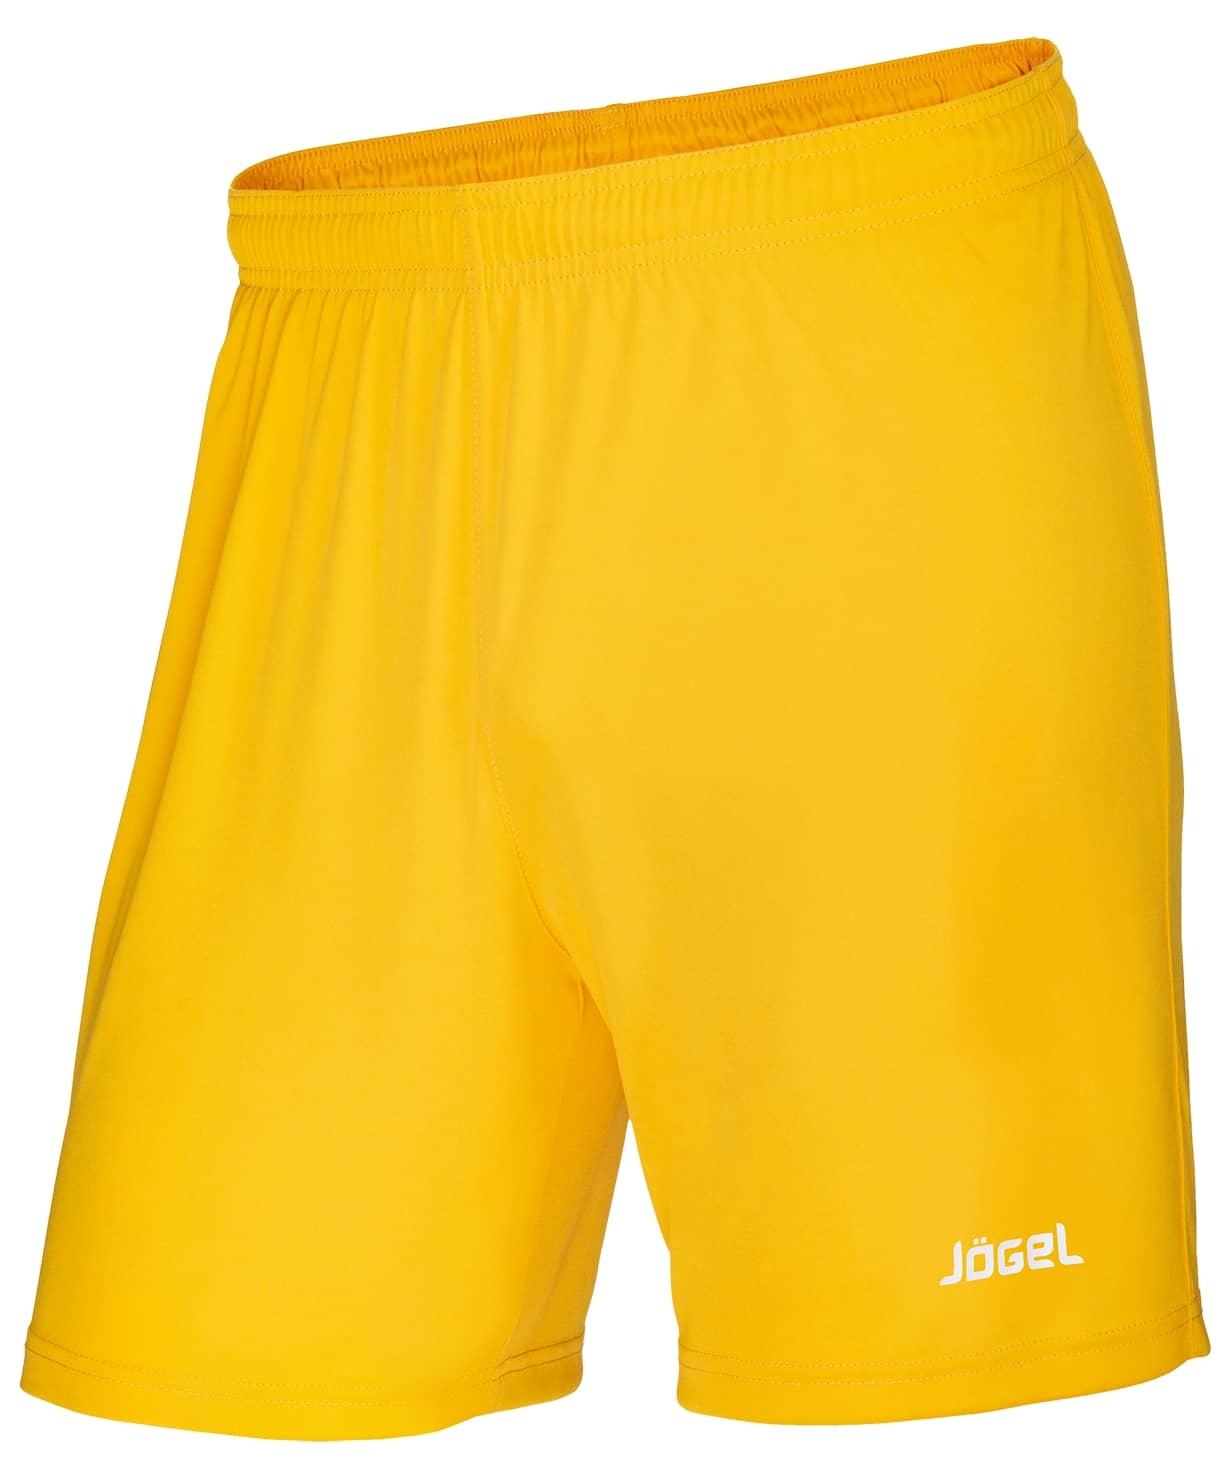 Шорты футбольные JFS-1110-041, желтый/белый, детские